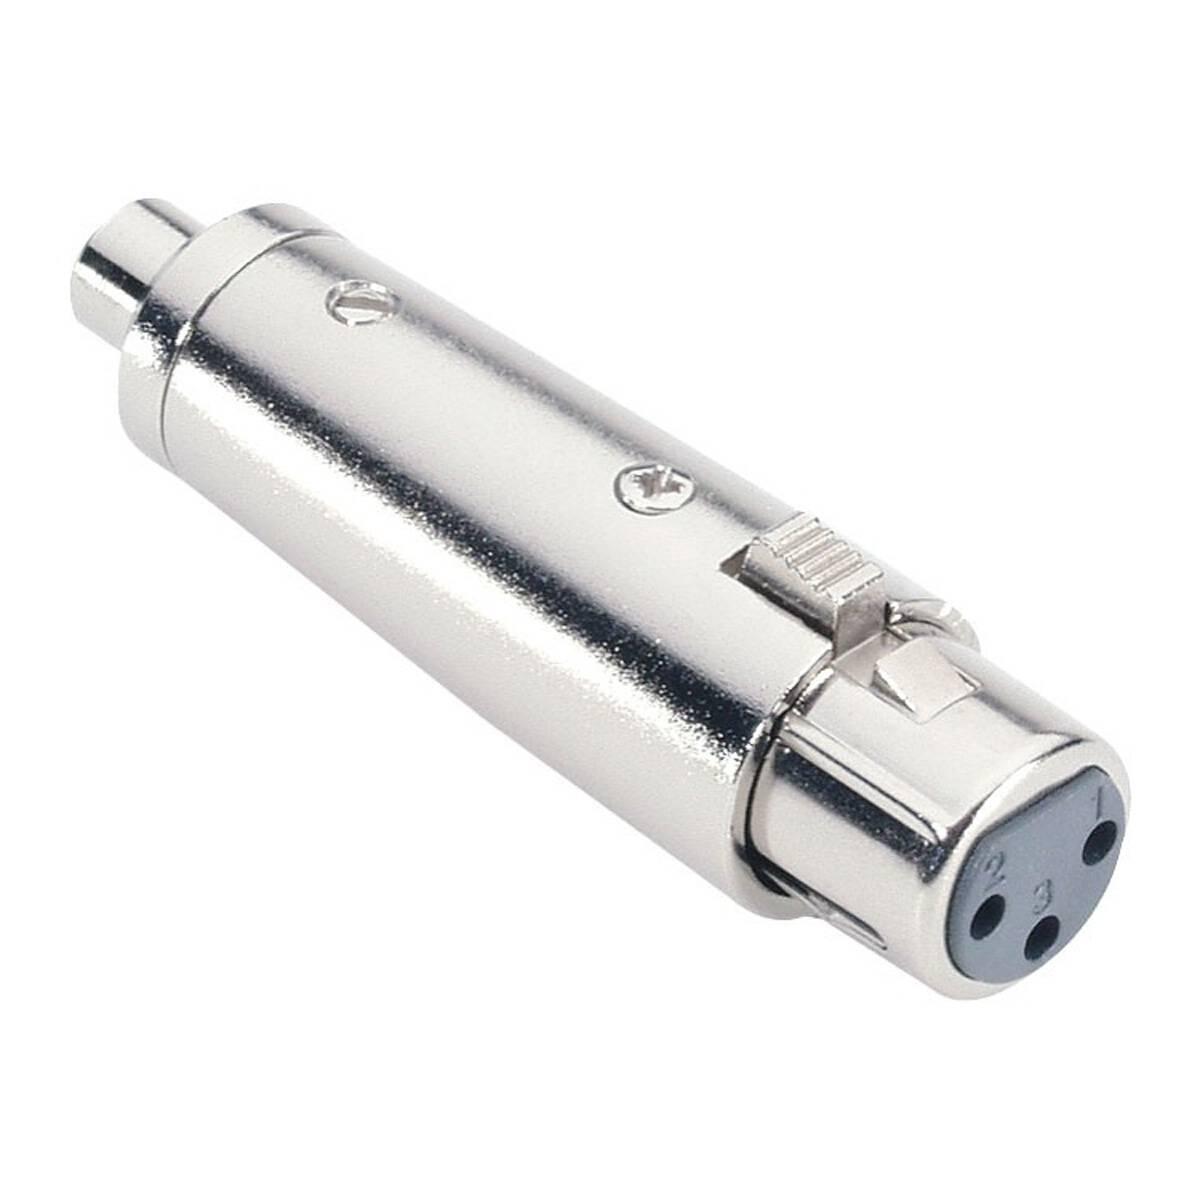 2 Adam Hall Audio Adapter Klinke Buchse 6,3 mm mono an Cinch RCA Stecker silber